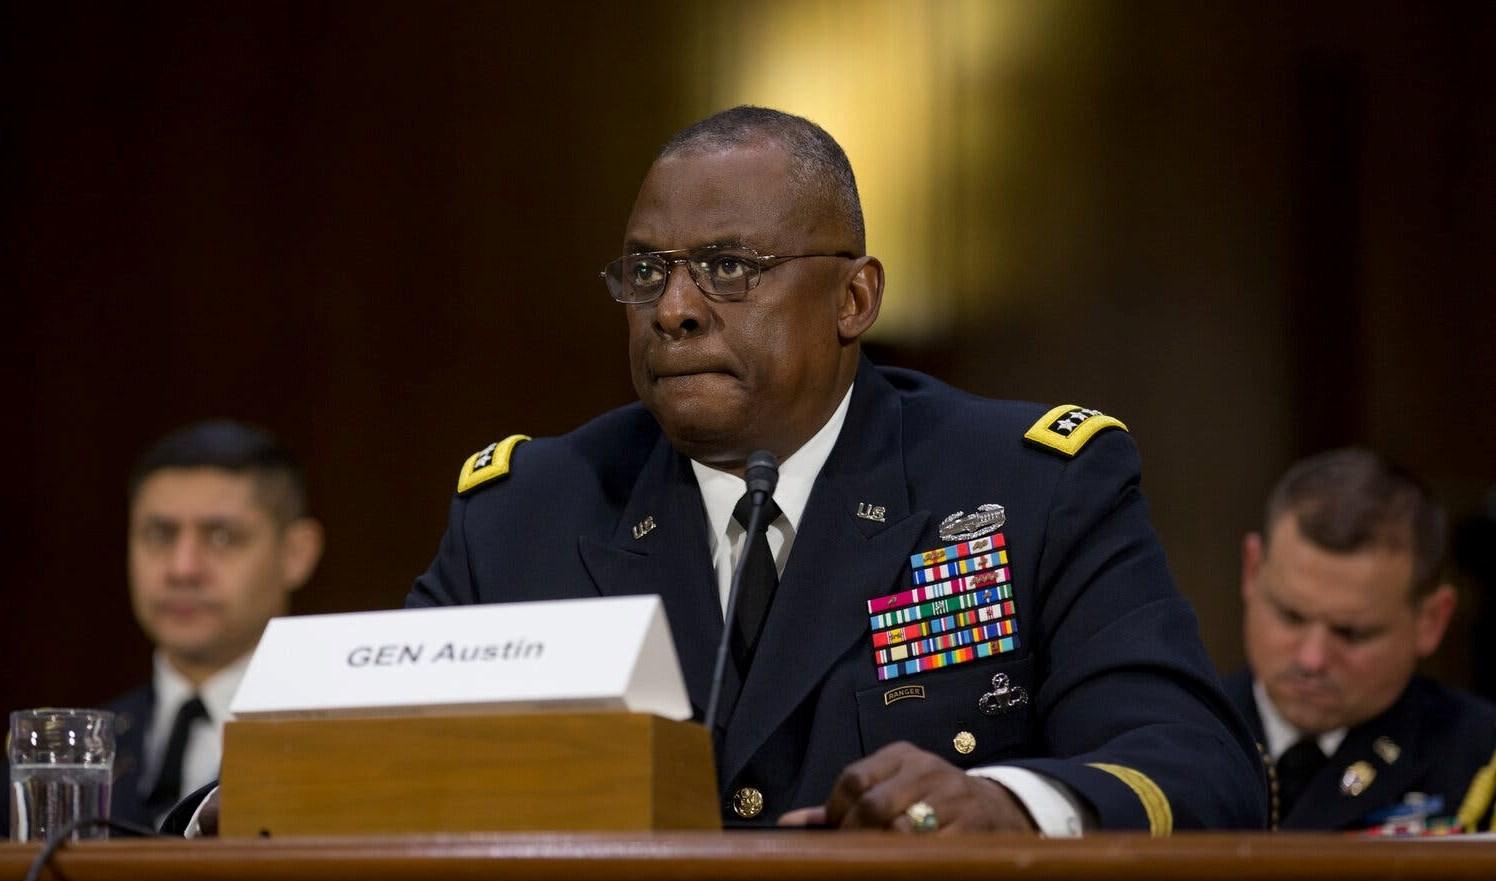 الجنرال المتقاعد لويد أوستن اختير وزيراً للدفاع الأميركي.